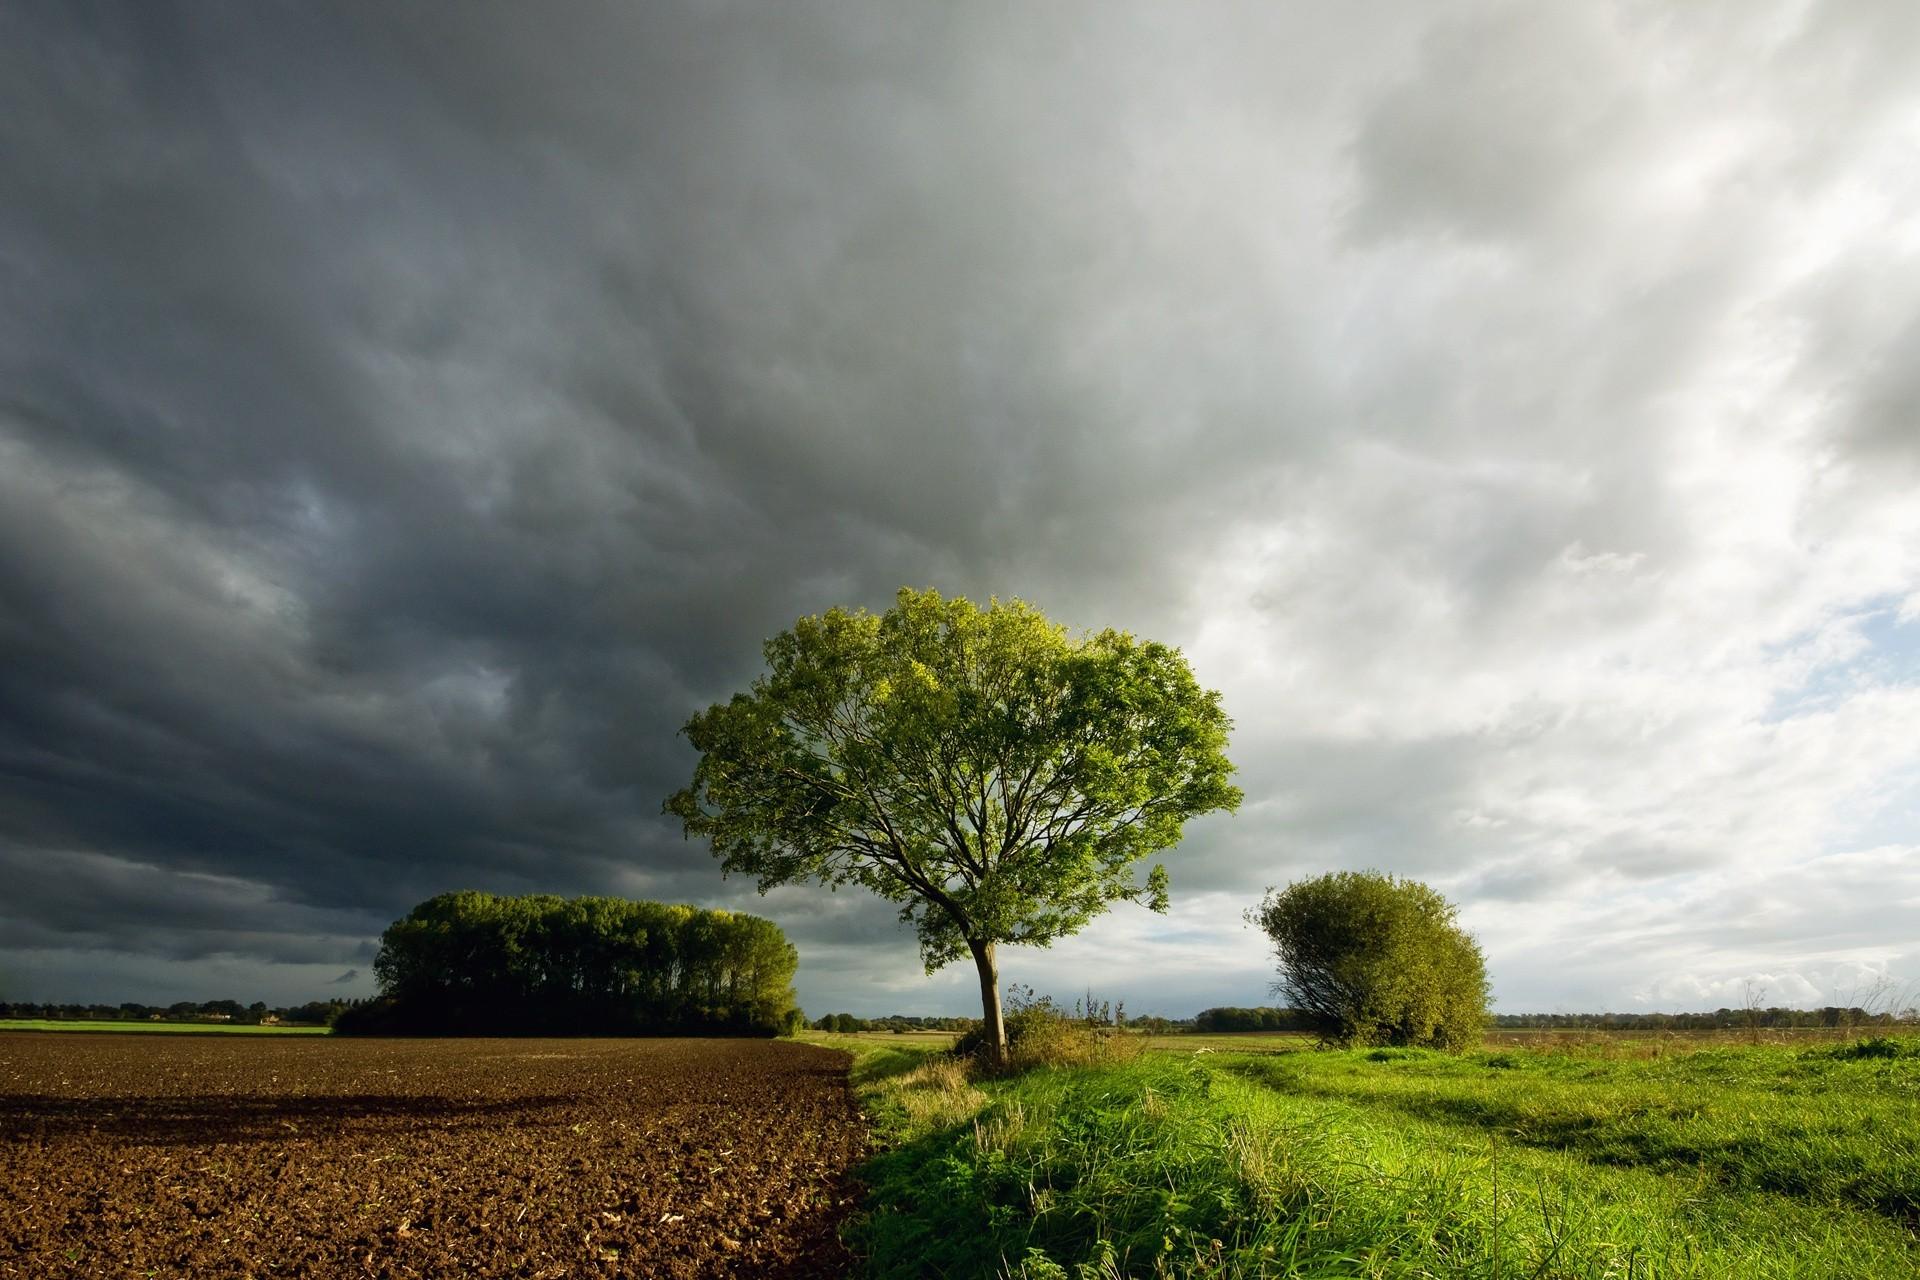 пансионат тюмени фото одинокого дерева подход работе